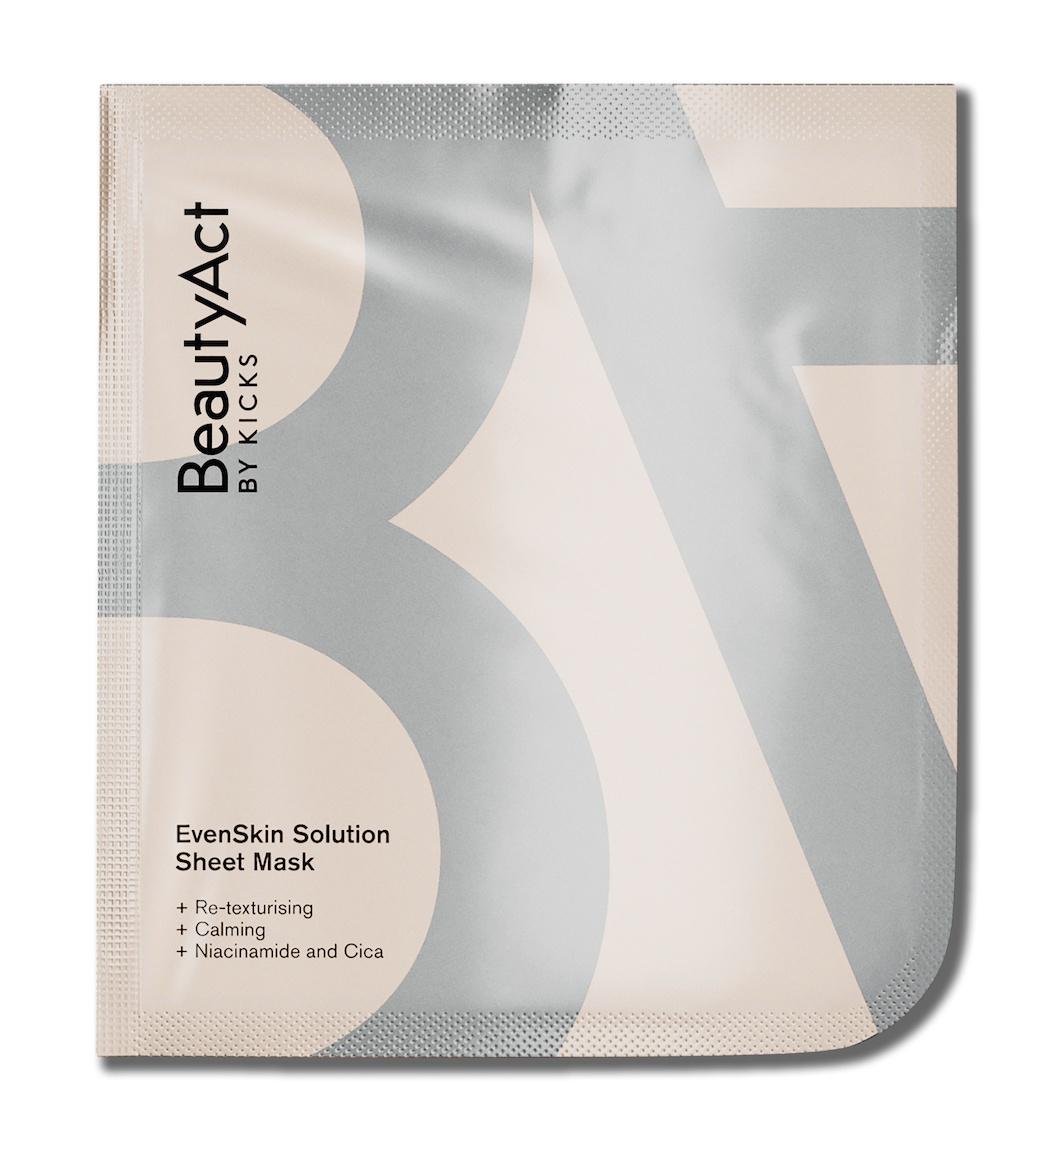 BeautyAct Evenskin Solution Sheet Mask